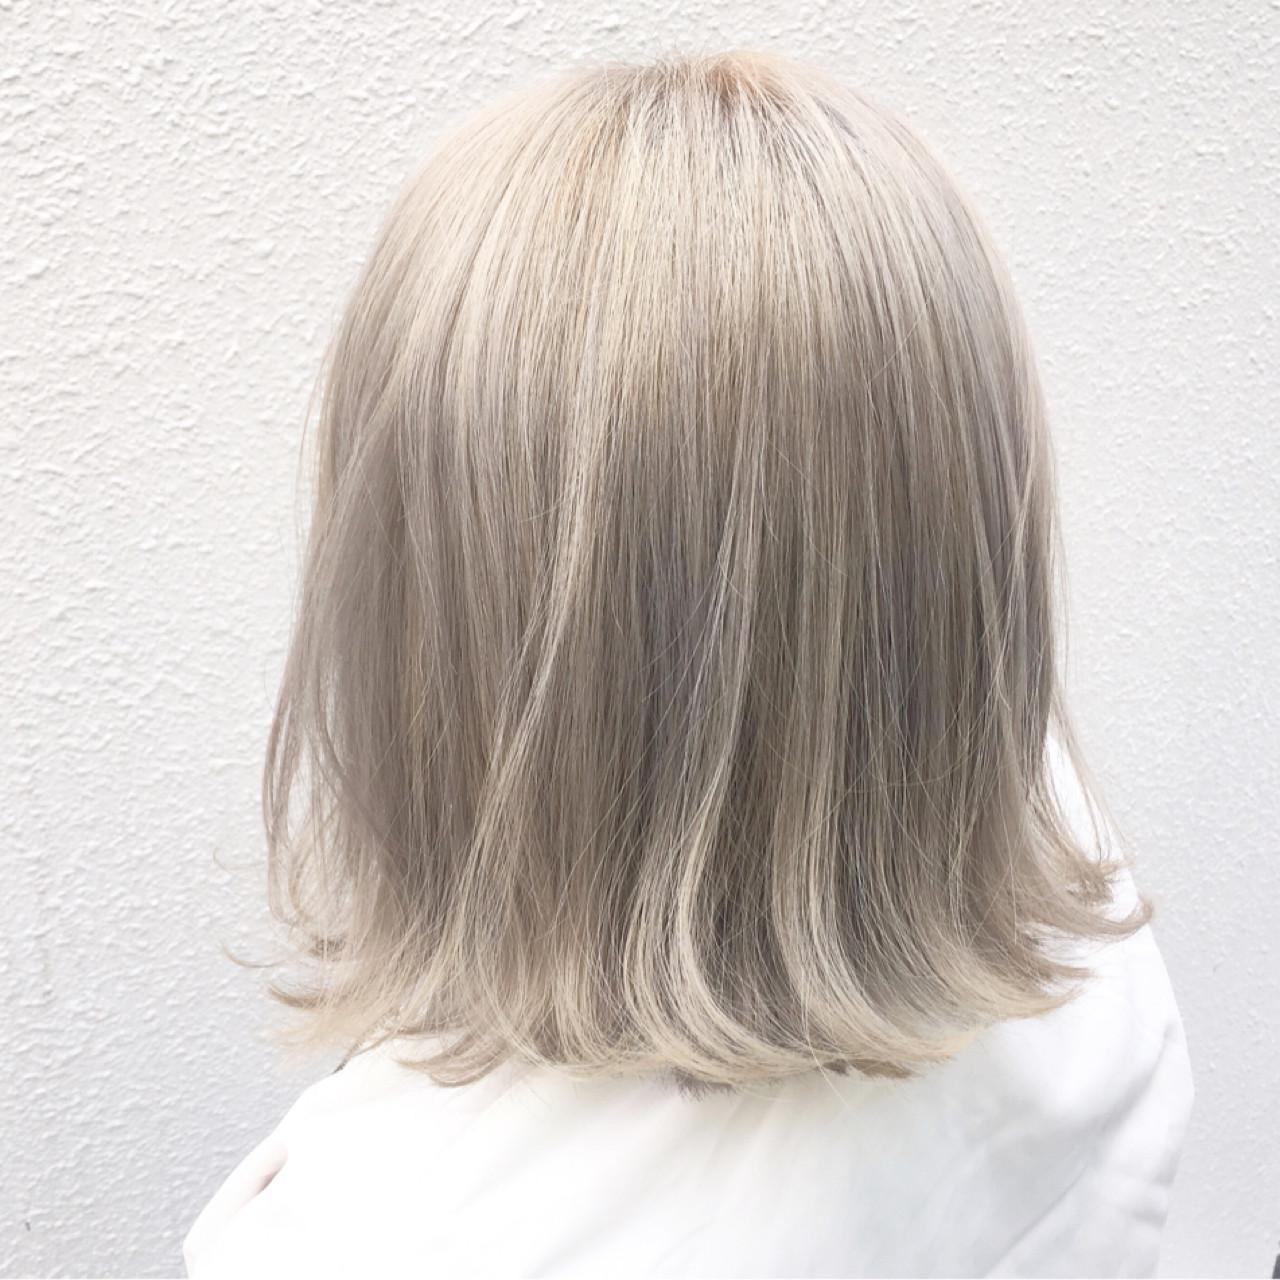 ハイトーン ボブ ストリート ダブルカラー ヘアスタイルや髪型の写真・画像 | イッシキ ケンタ / lafamilia